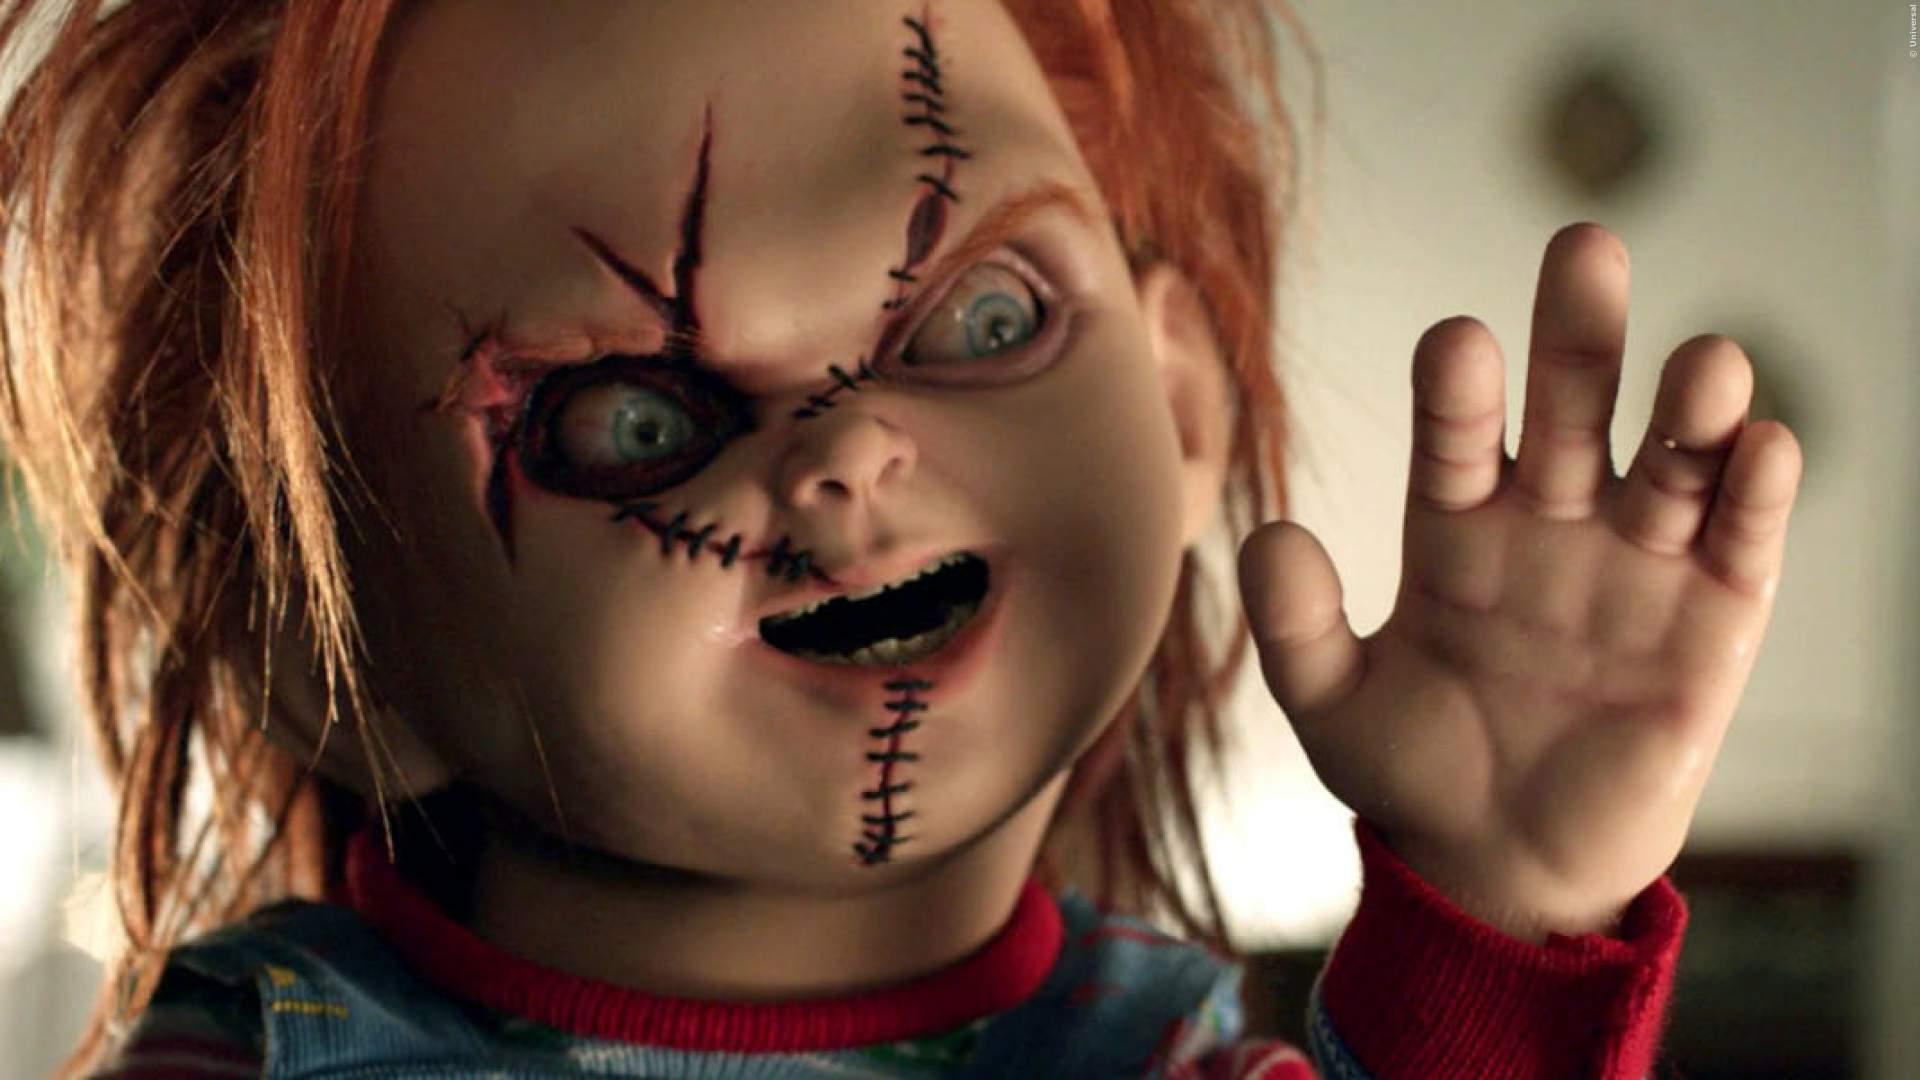 CHUCKY: Die Mörderpuppe ist zurück! Neuer Trailer zu 'Childs Play'